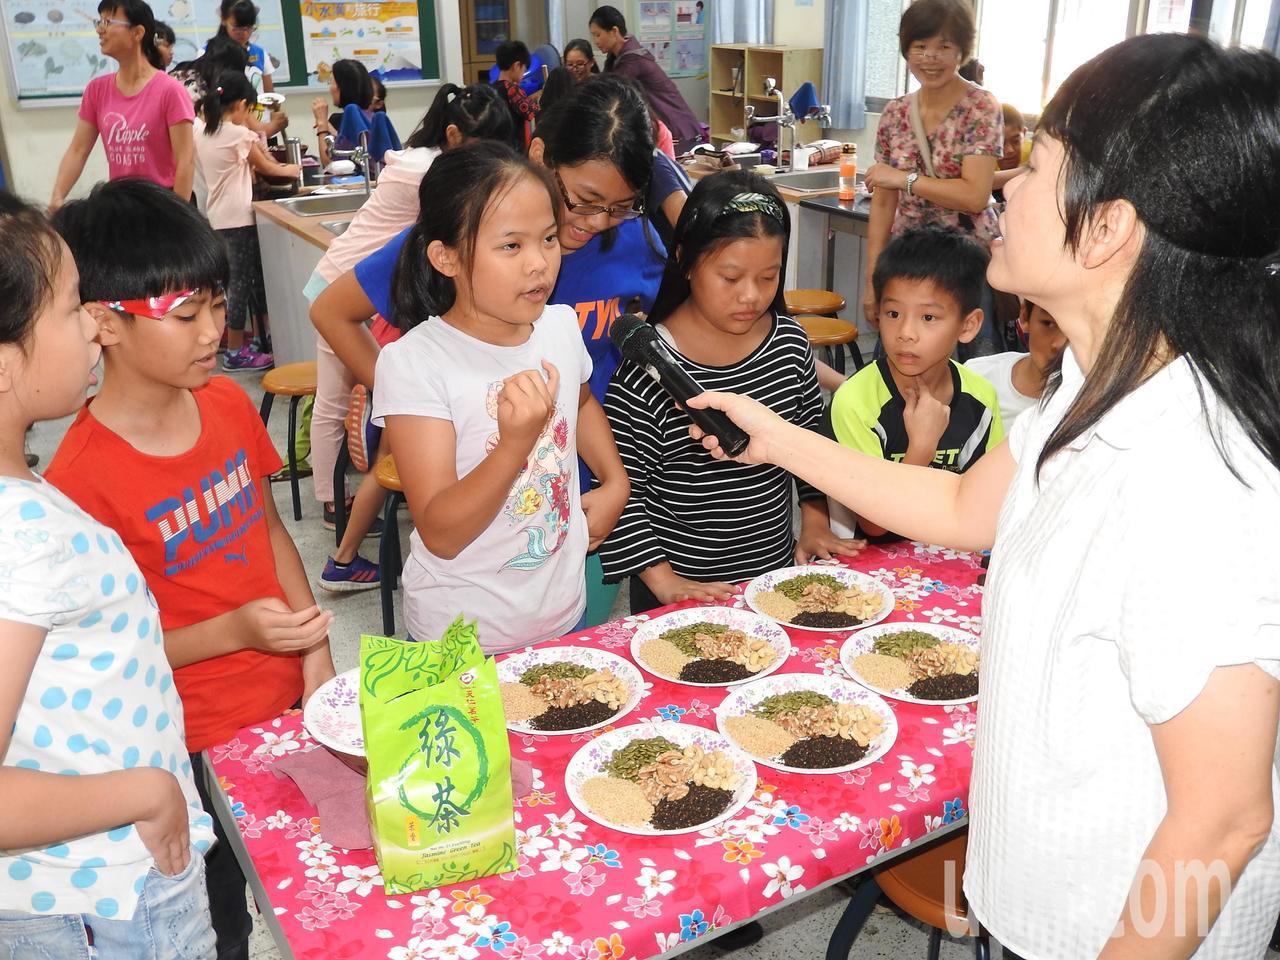 南光國小學童領取擂茶材料,還得通過客語考驗。記者賴香珊/攝影